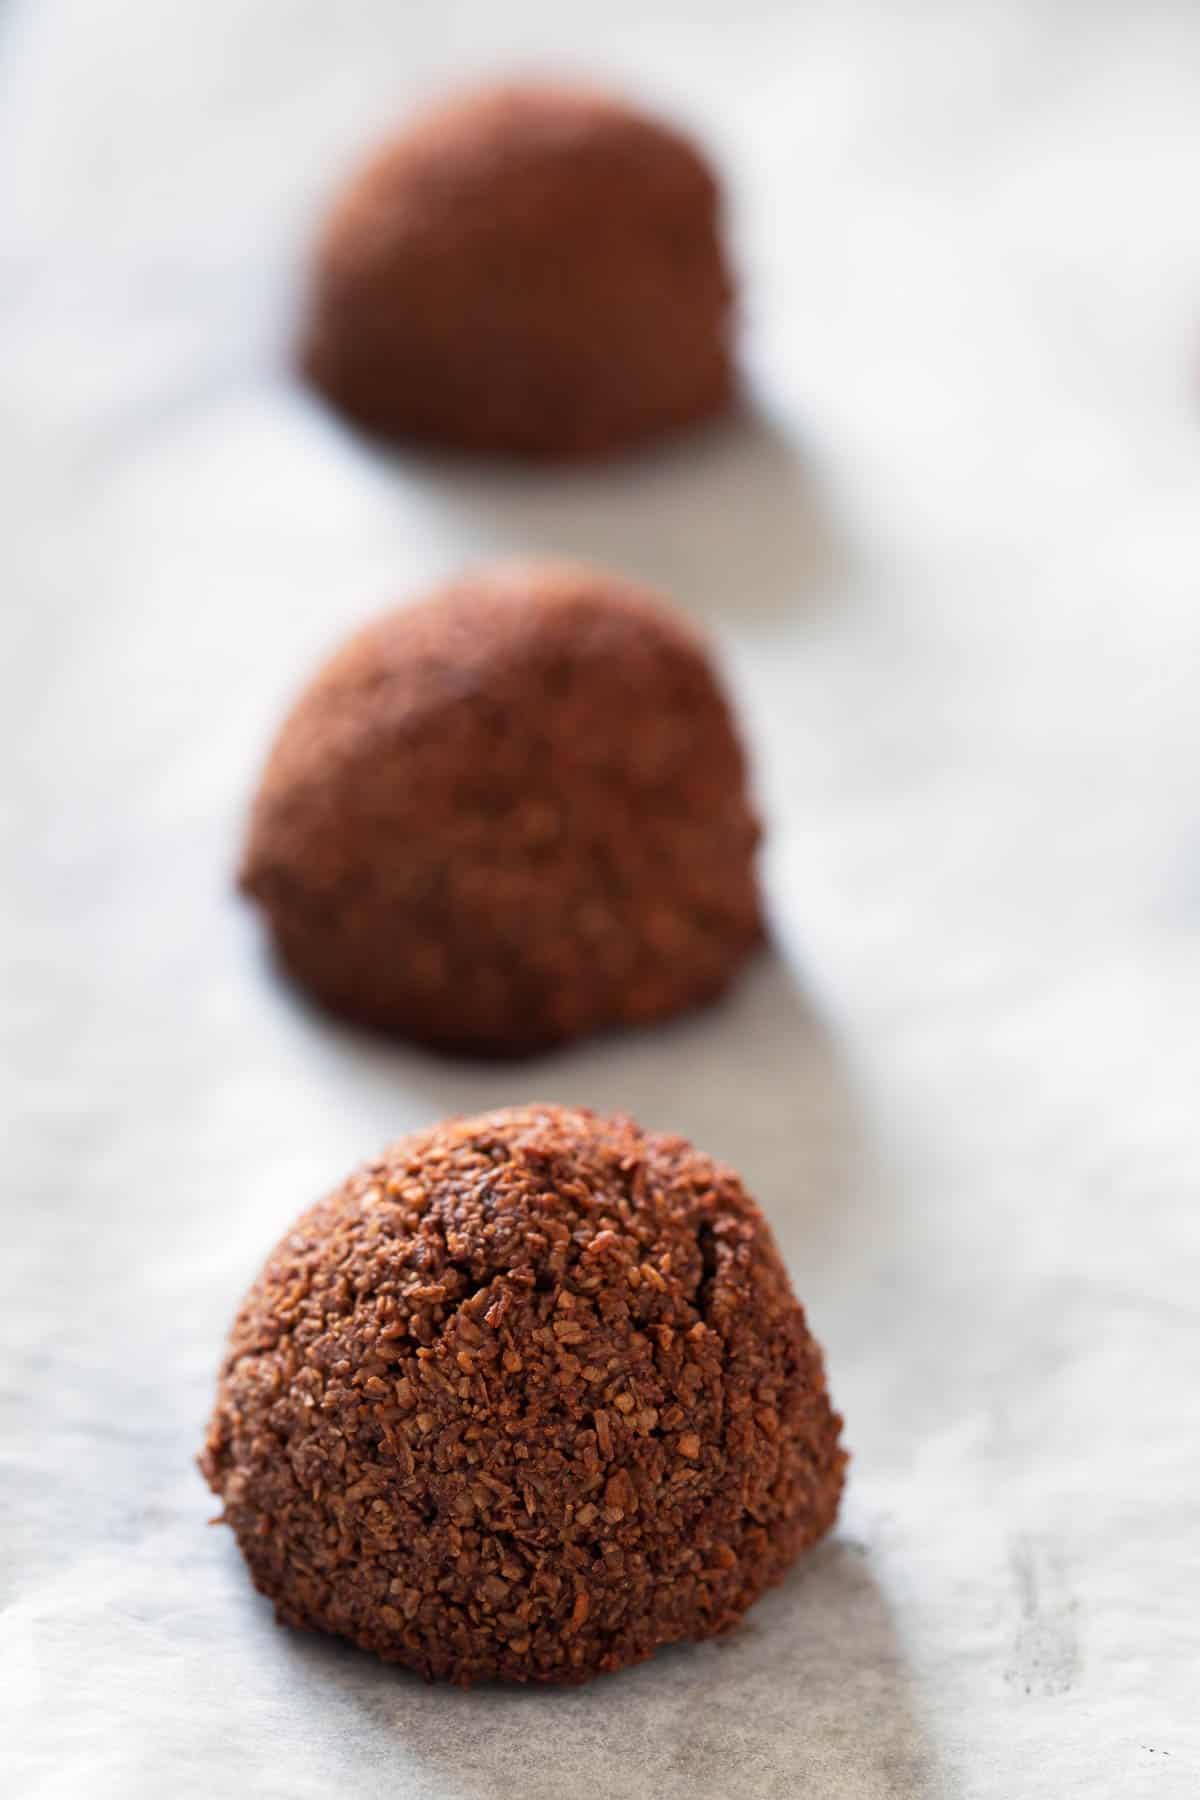 Macarons de Coco y Chocolate Veganos.- Sólo se necesitan 5 ingredientes para hacer estos macarons de coco y chocolate veganos y se preparan en menos de 30 minutos. ¡Son mi nueva obsesión!